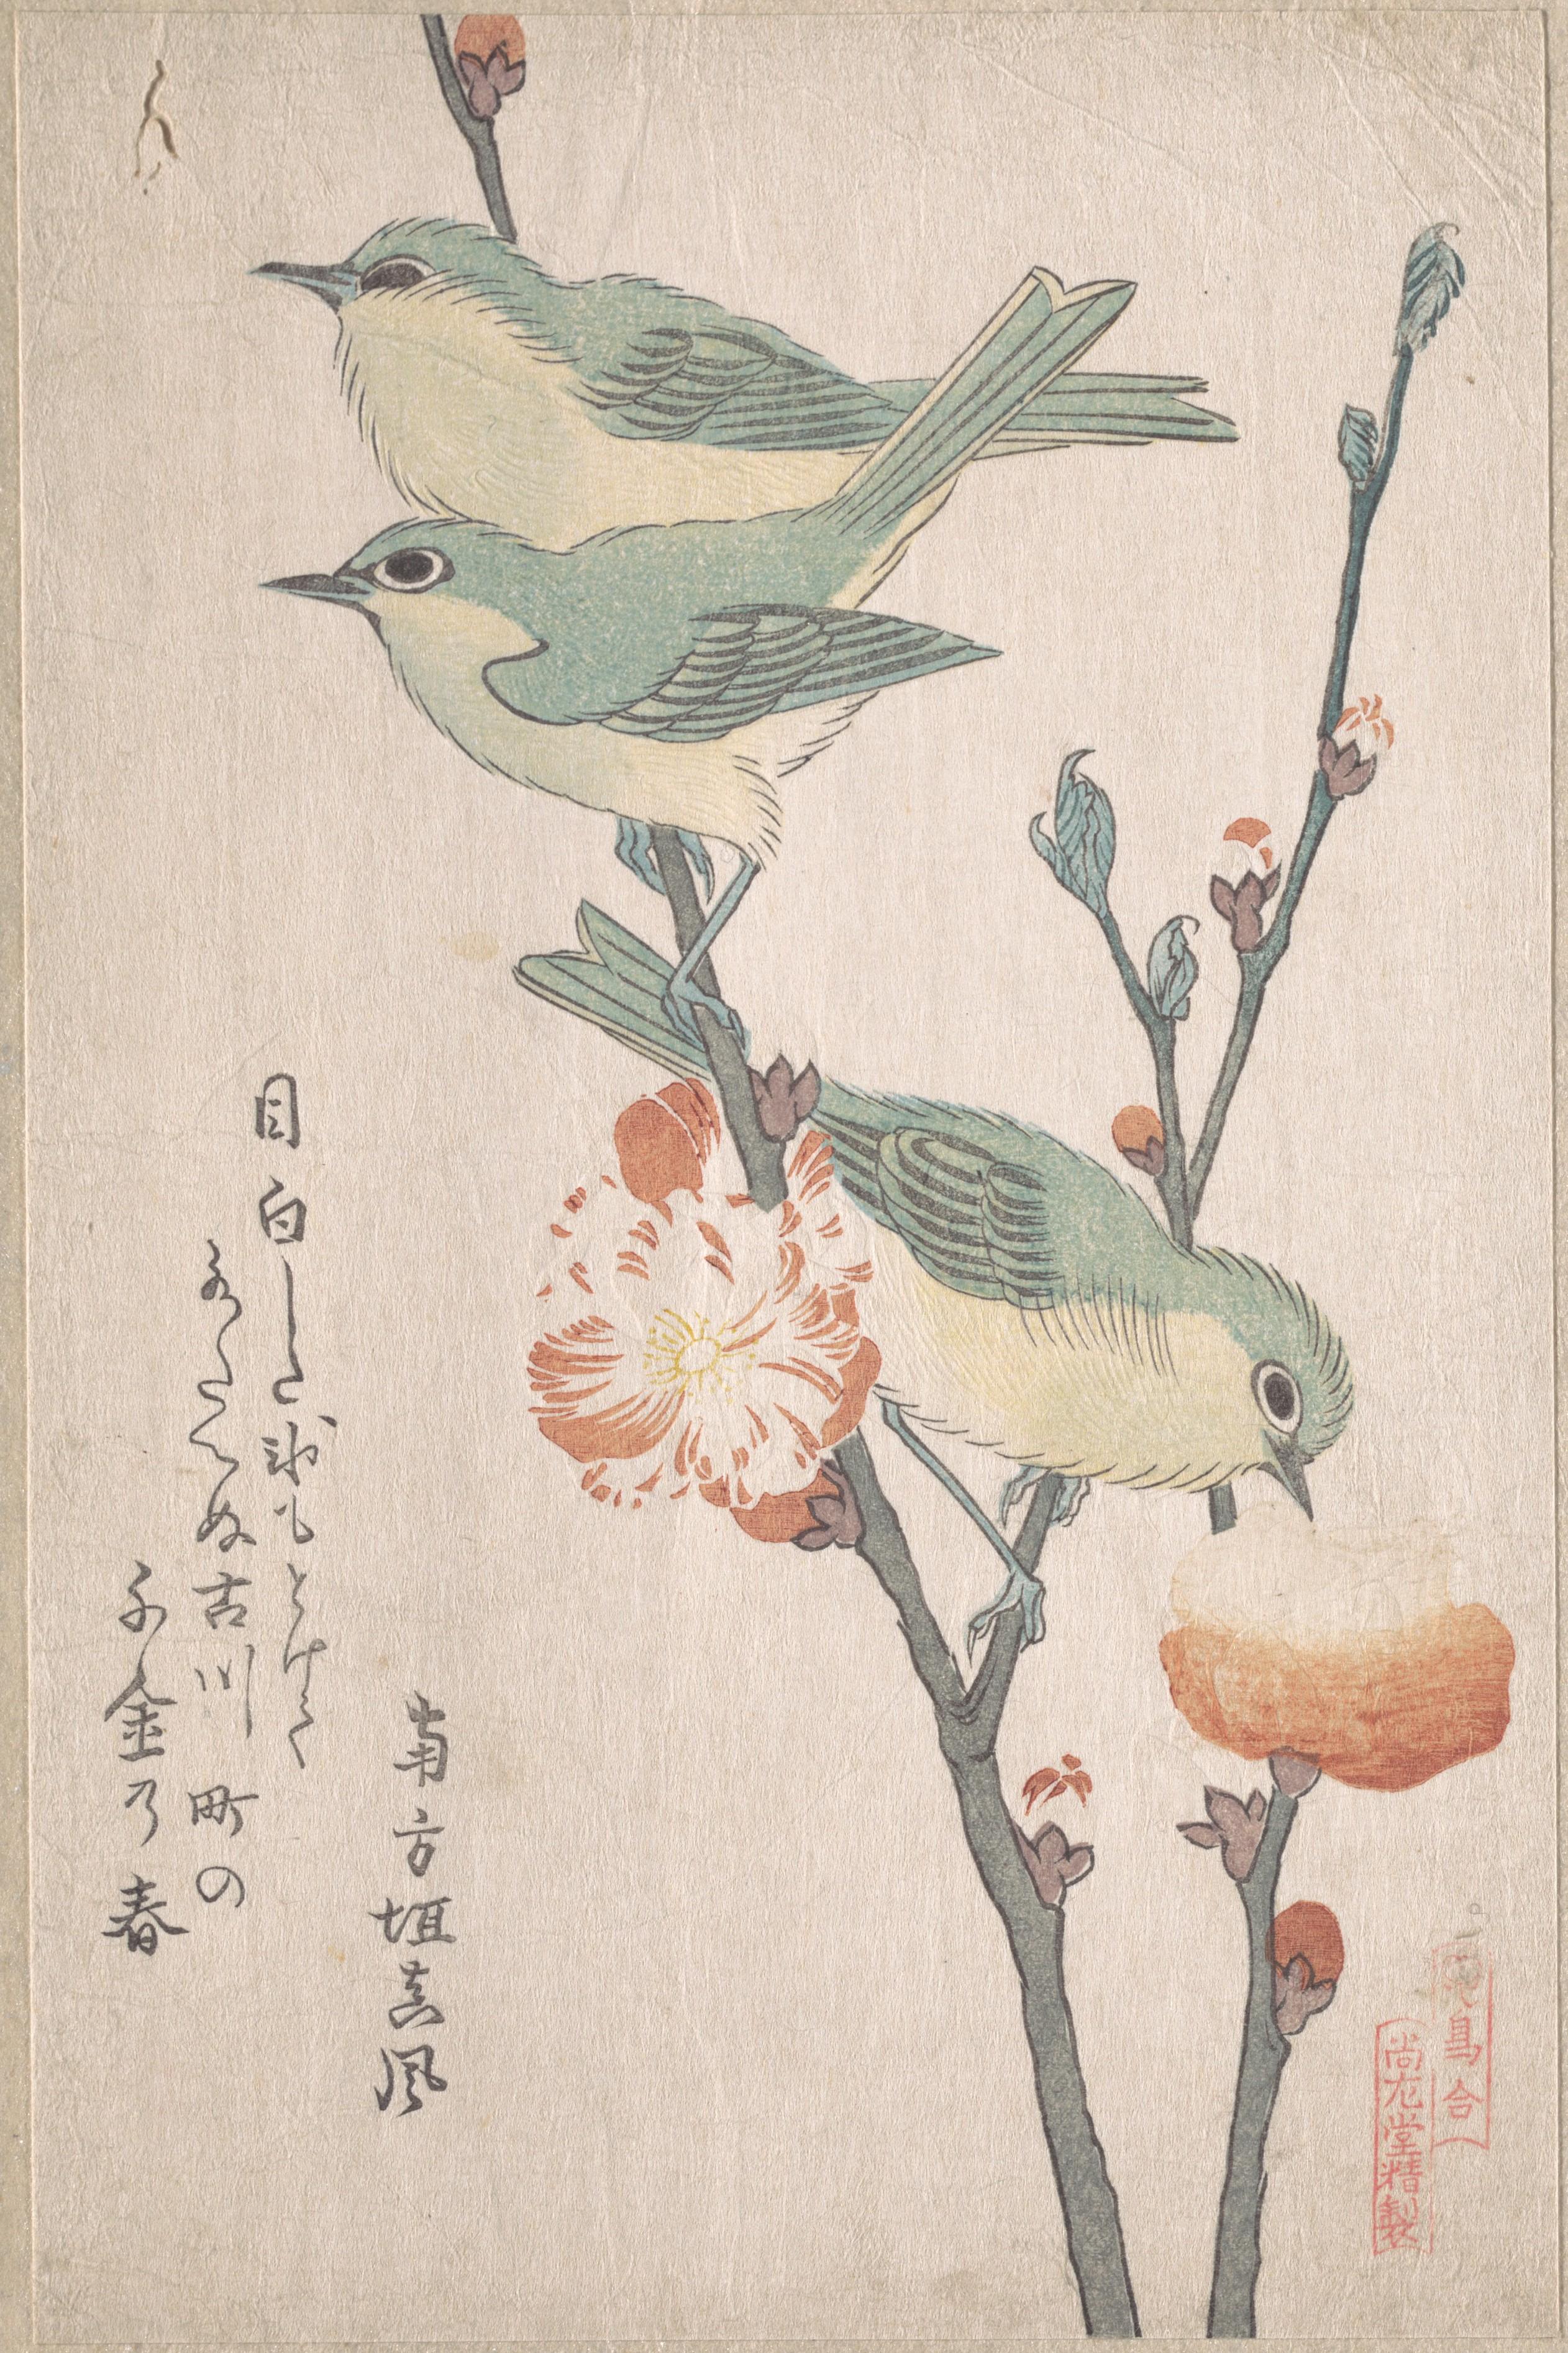 Series An Array of Birds_том 3_1805-1810_Японская белоглазка на персиковом дереве_208х137 мм